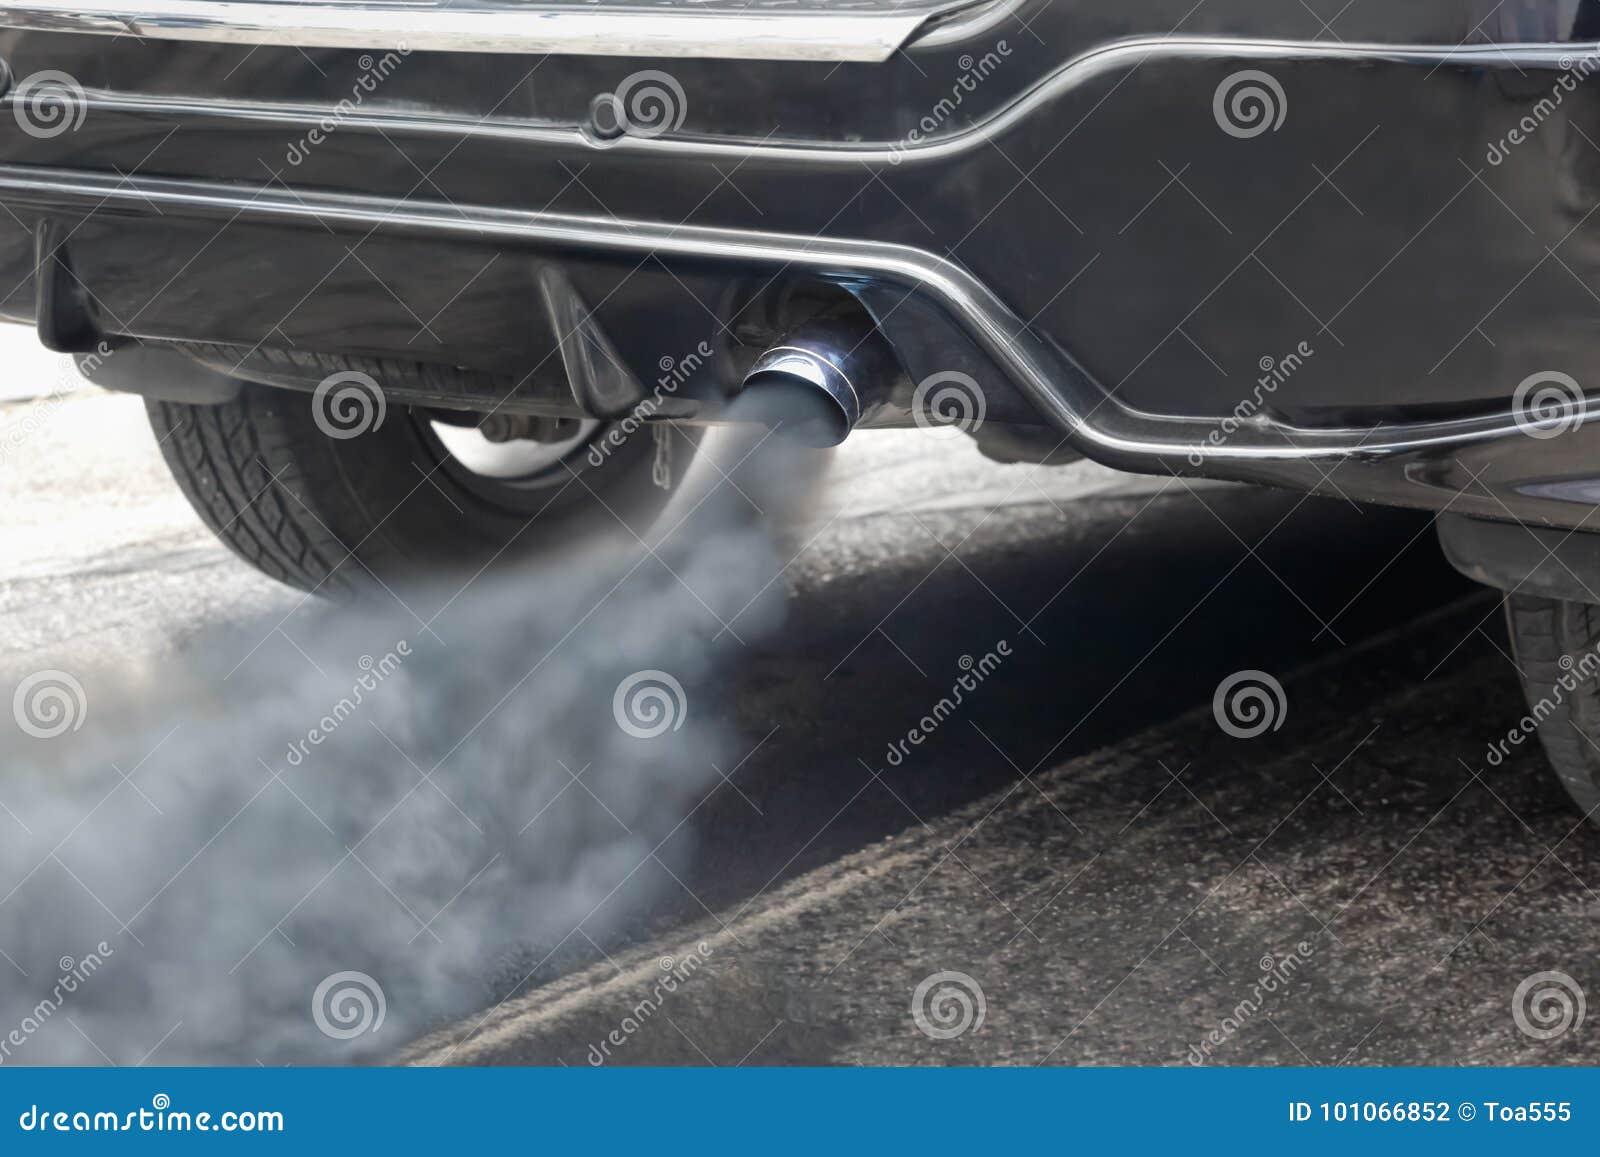 Ατμοσφαιρική ρύπανση από το σωλήνα εξάτμισης οχημάτων